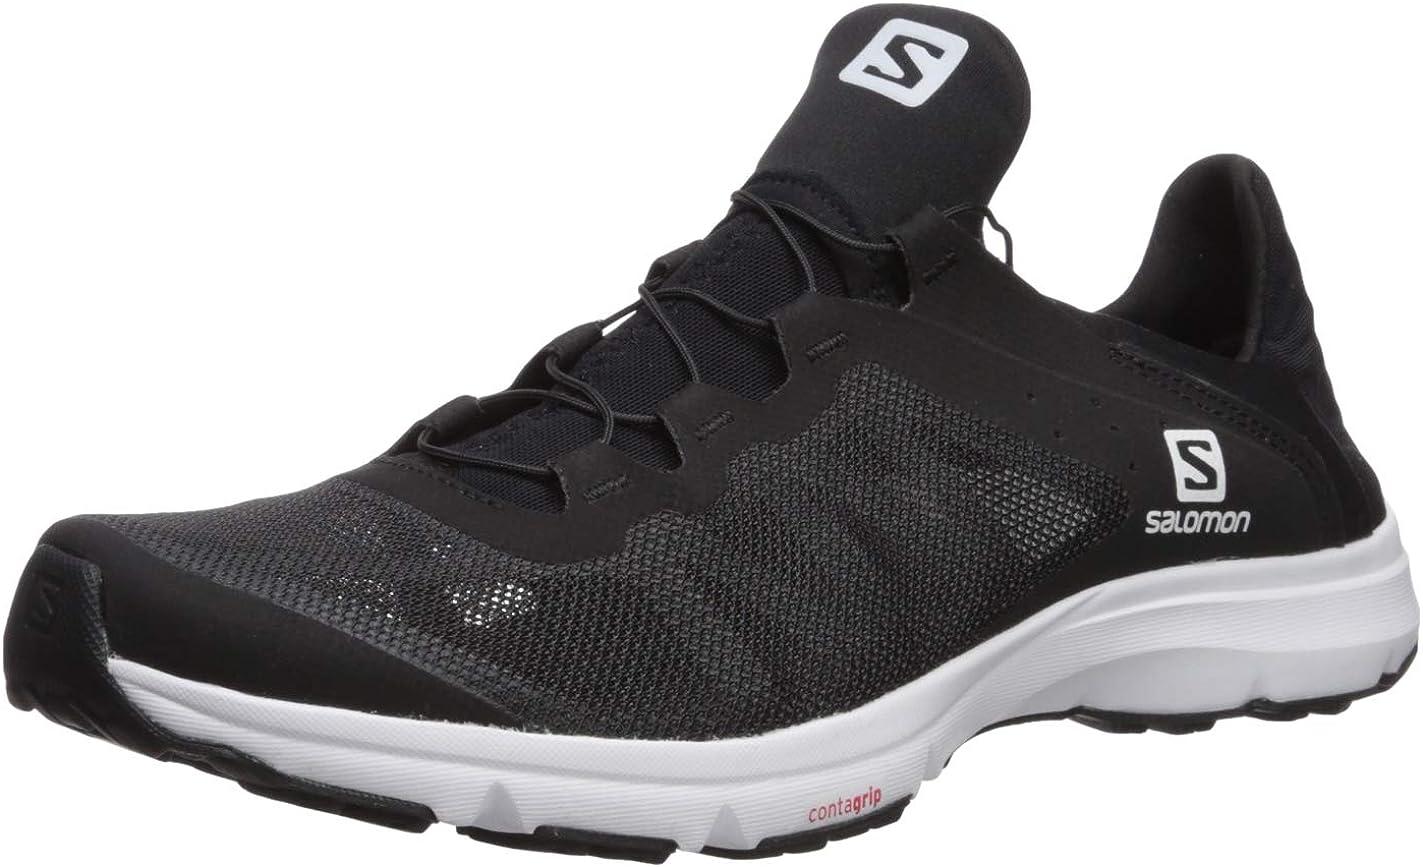 Salomon Men's Amphib Bold Athletic Water Shoes